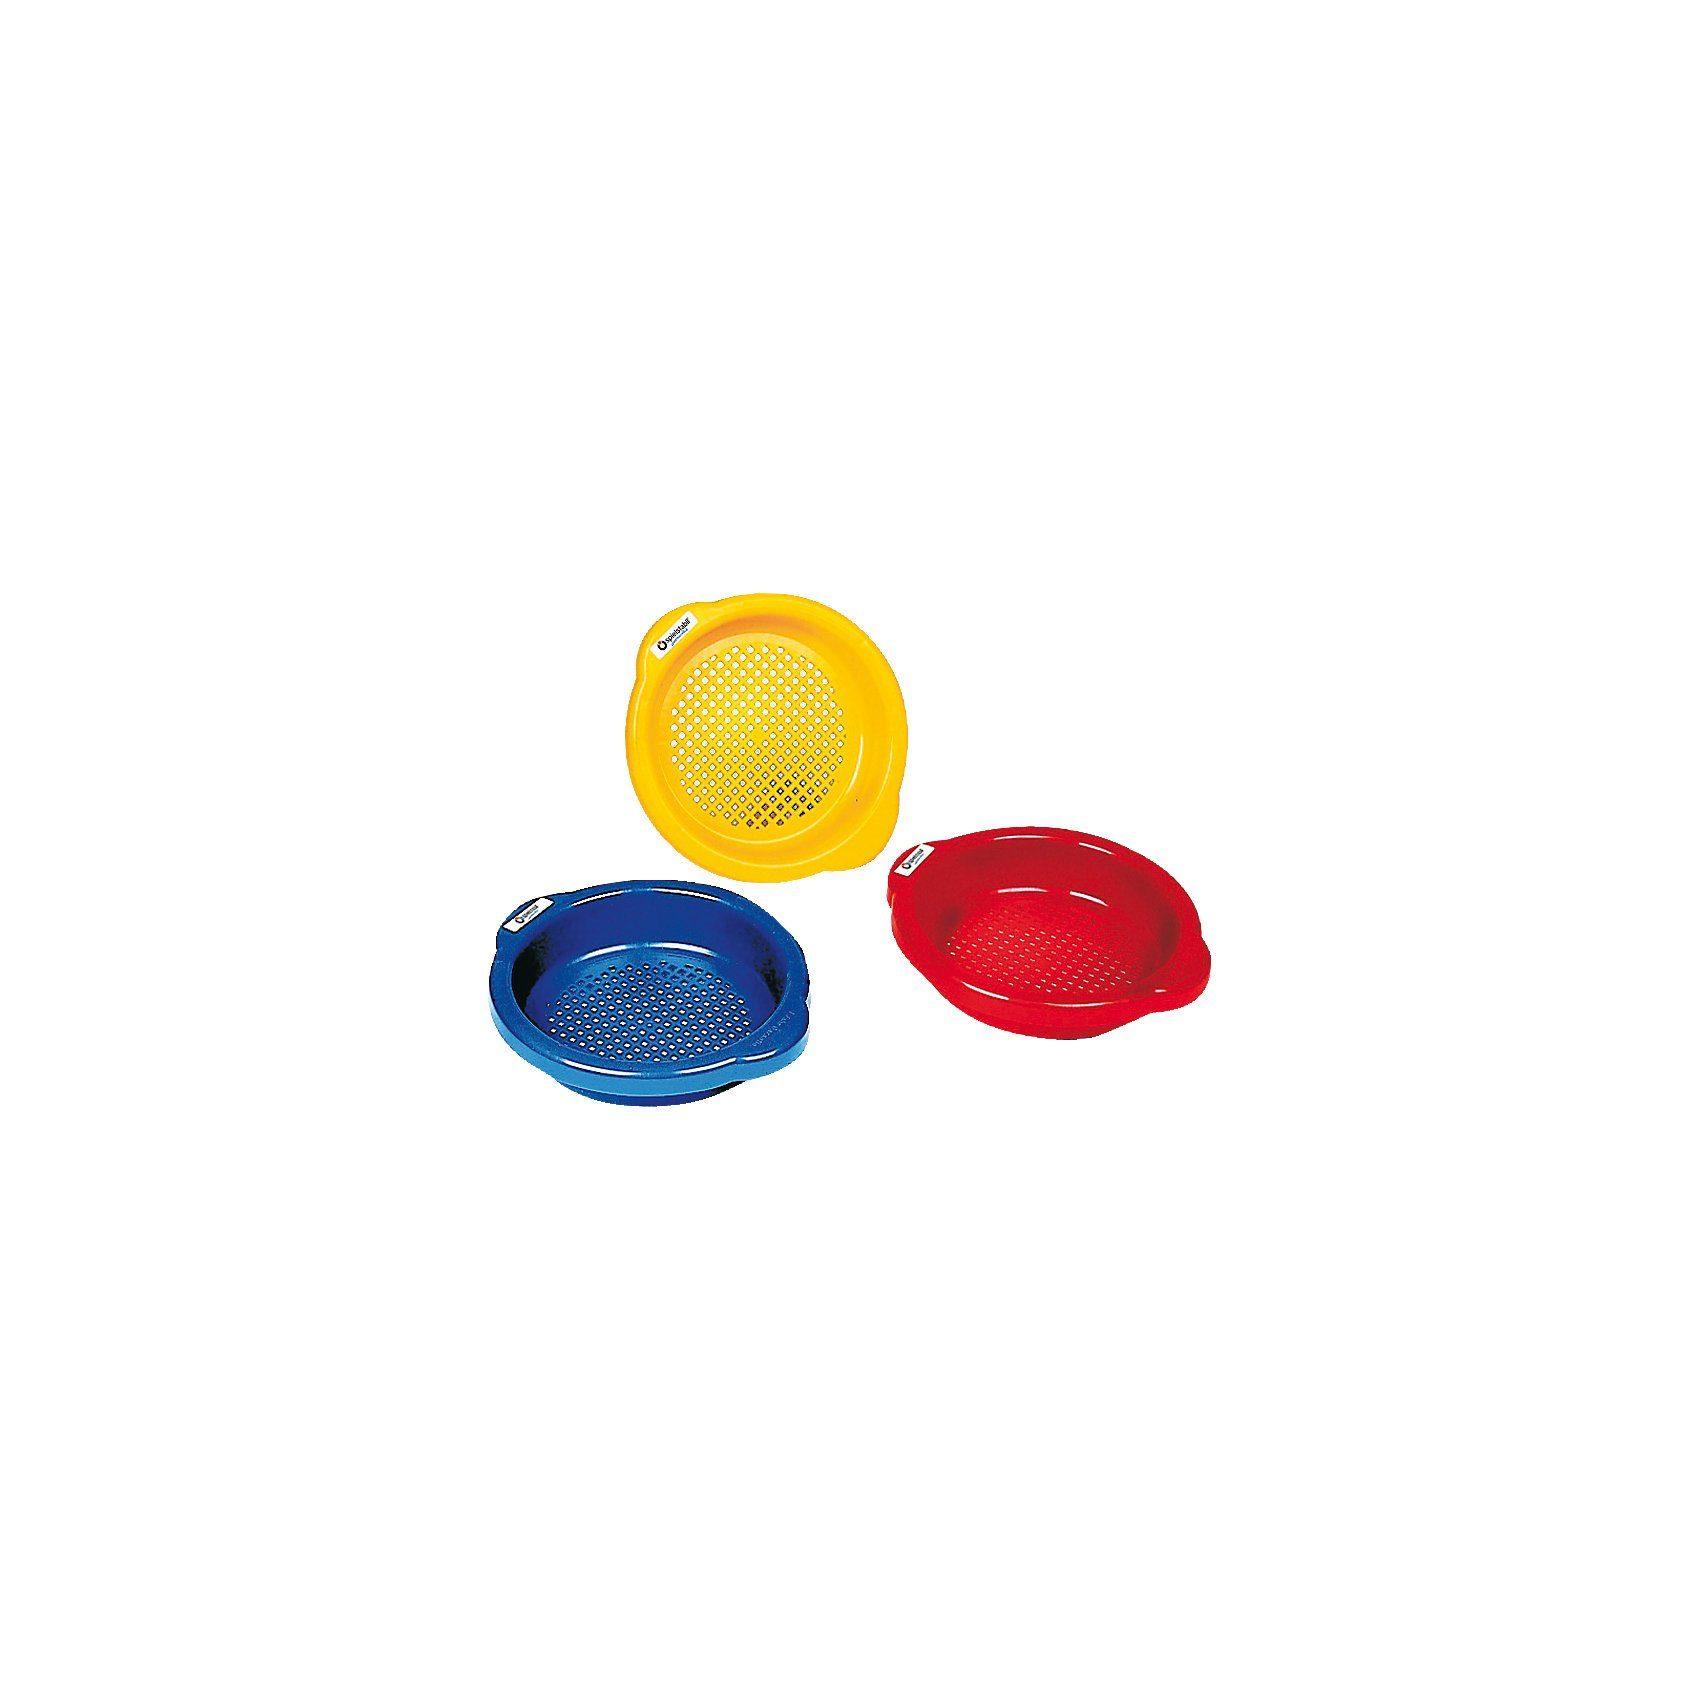 Spielstabil Sandsieb, klein, sortiert